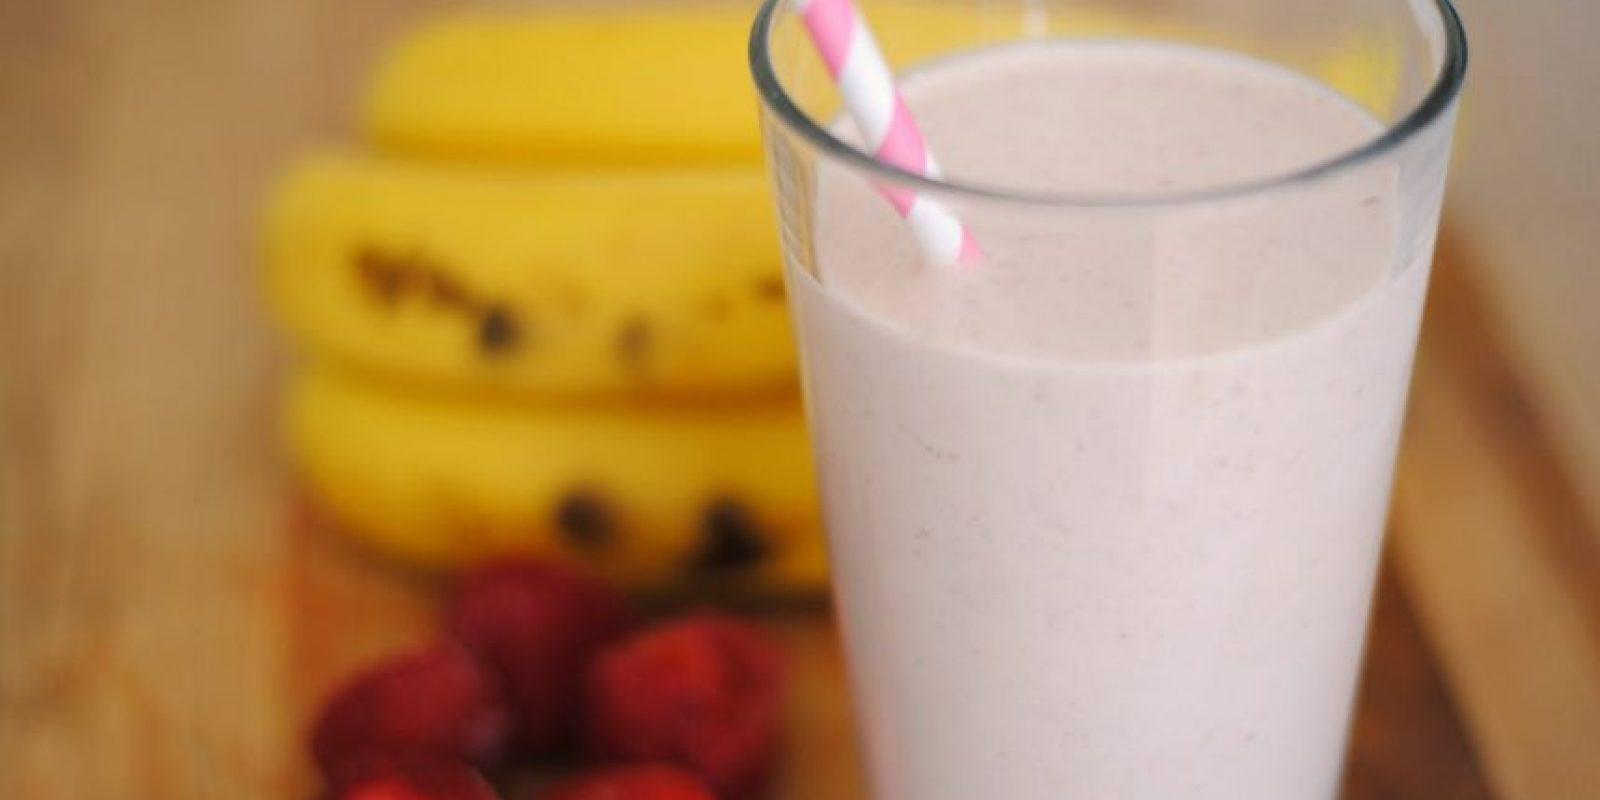 Batido de leche, frutas y avena. Los batidos son una de las opciones más sencillas para empezar el día con energía, http://mejorconsalud.com presenta esta deliciosa y nutritiva receta.Ingredientes1 taza de leche descremada o semidescremada, ½ taza de avena; una porción de guineo, manzana, cerezas, durazno o la fruta que prefieras; opcionalmente puedes combinar varias.Preparación1. Introduce todos los ingredientes en la licuadora y mézclalos formando un batido. Puedes agregarle miel o endulzante. Tómalo bien fresquito.